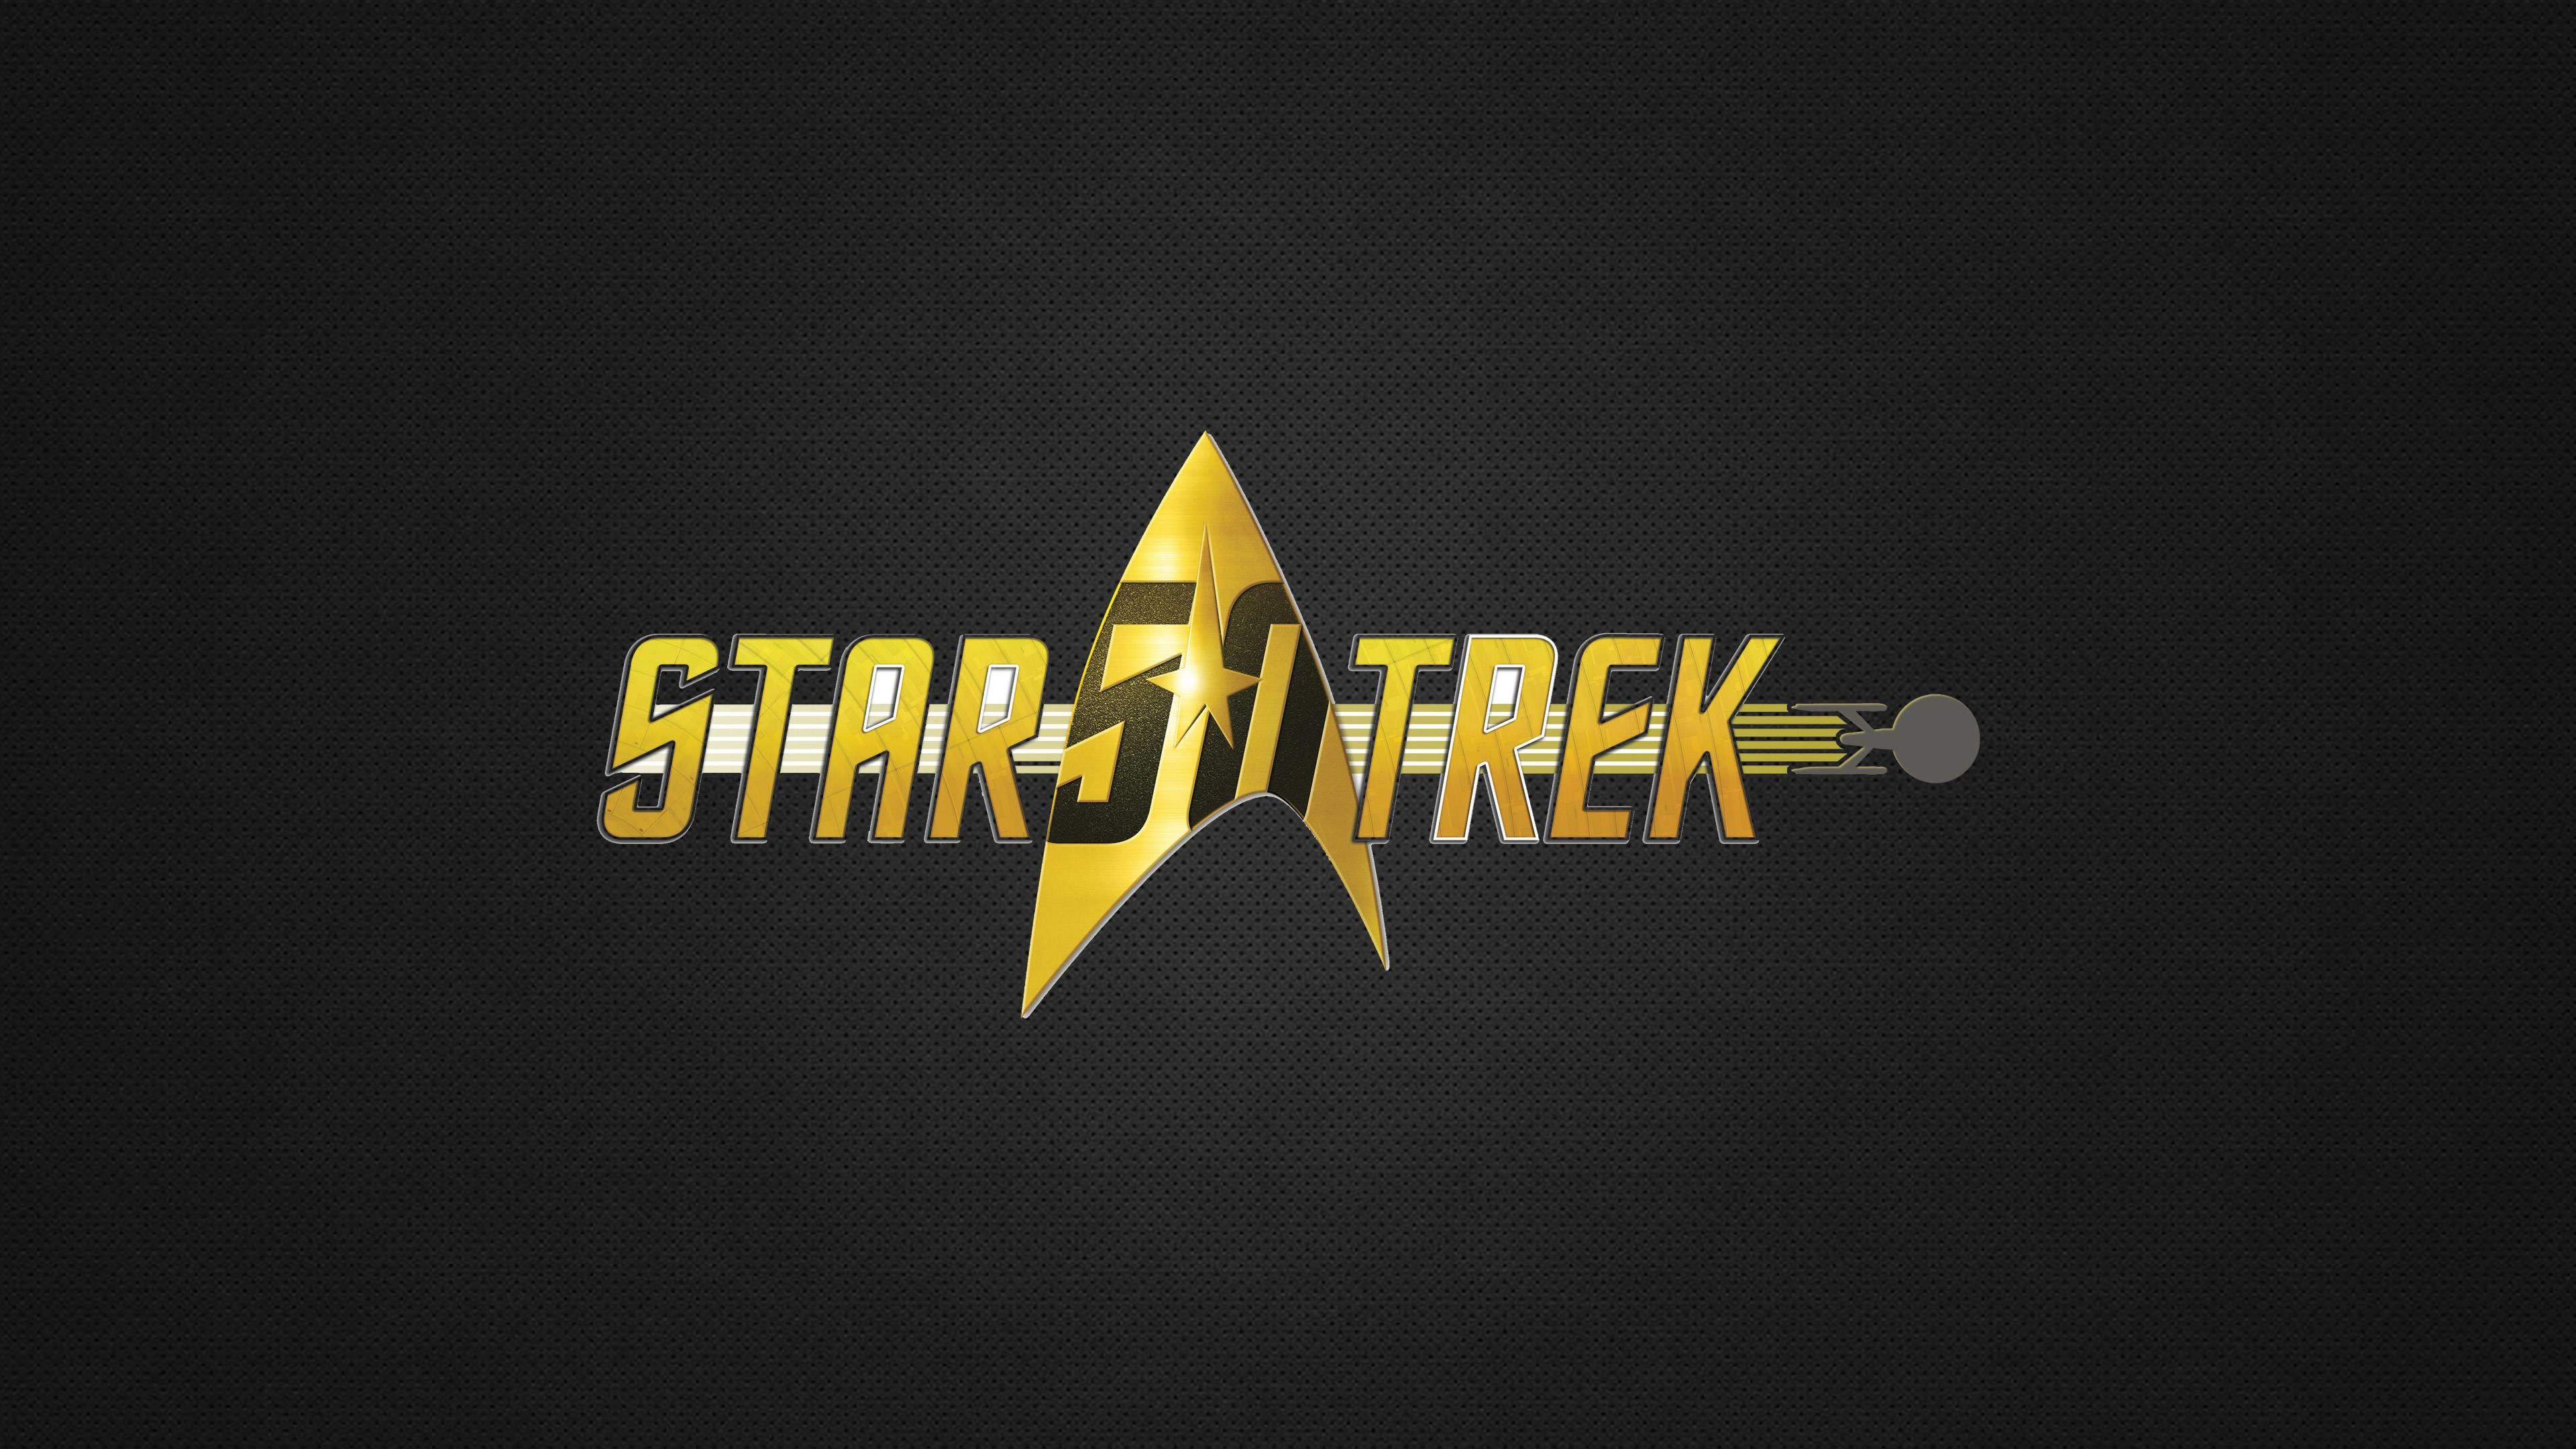 Star Trek 50th Anniversary by Judai Winchester